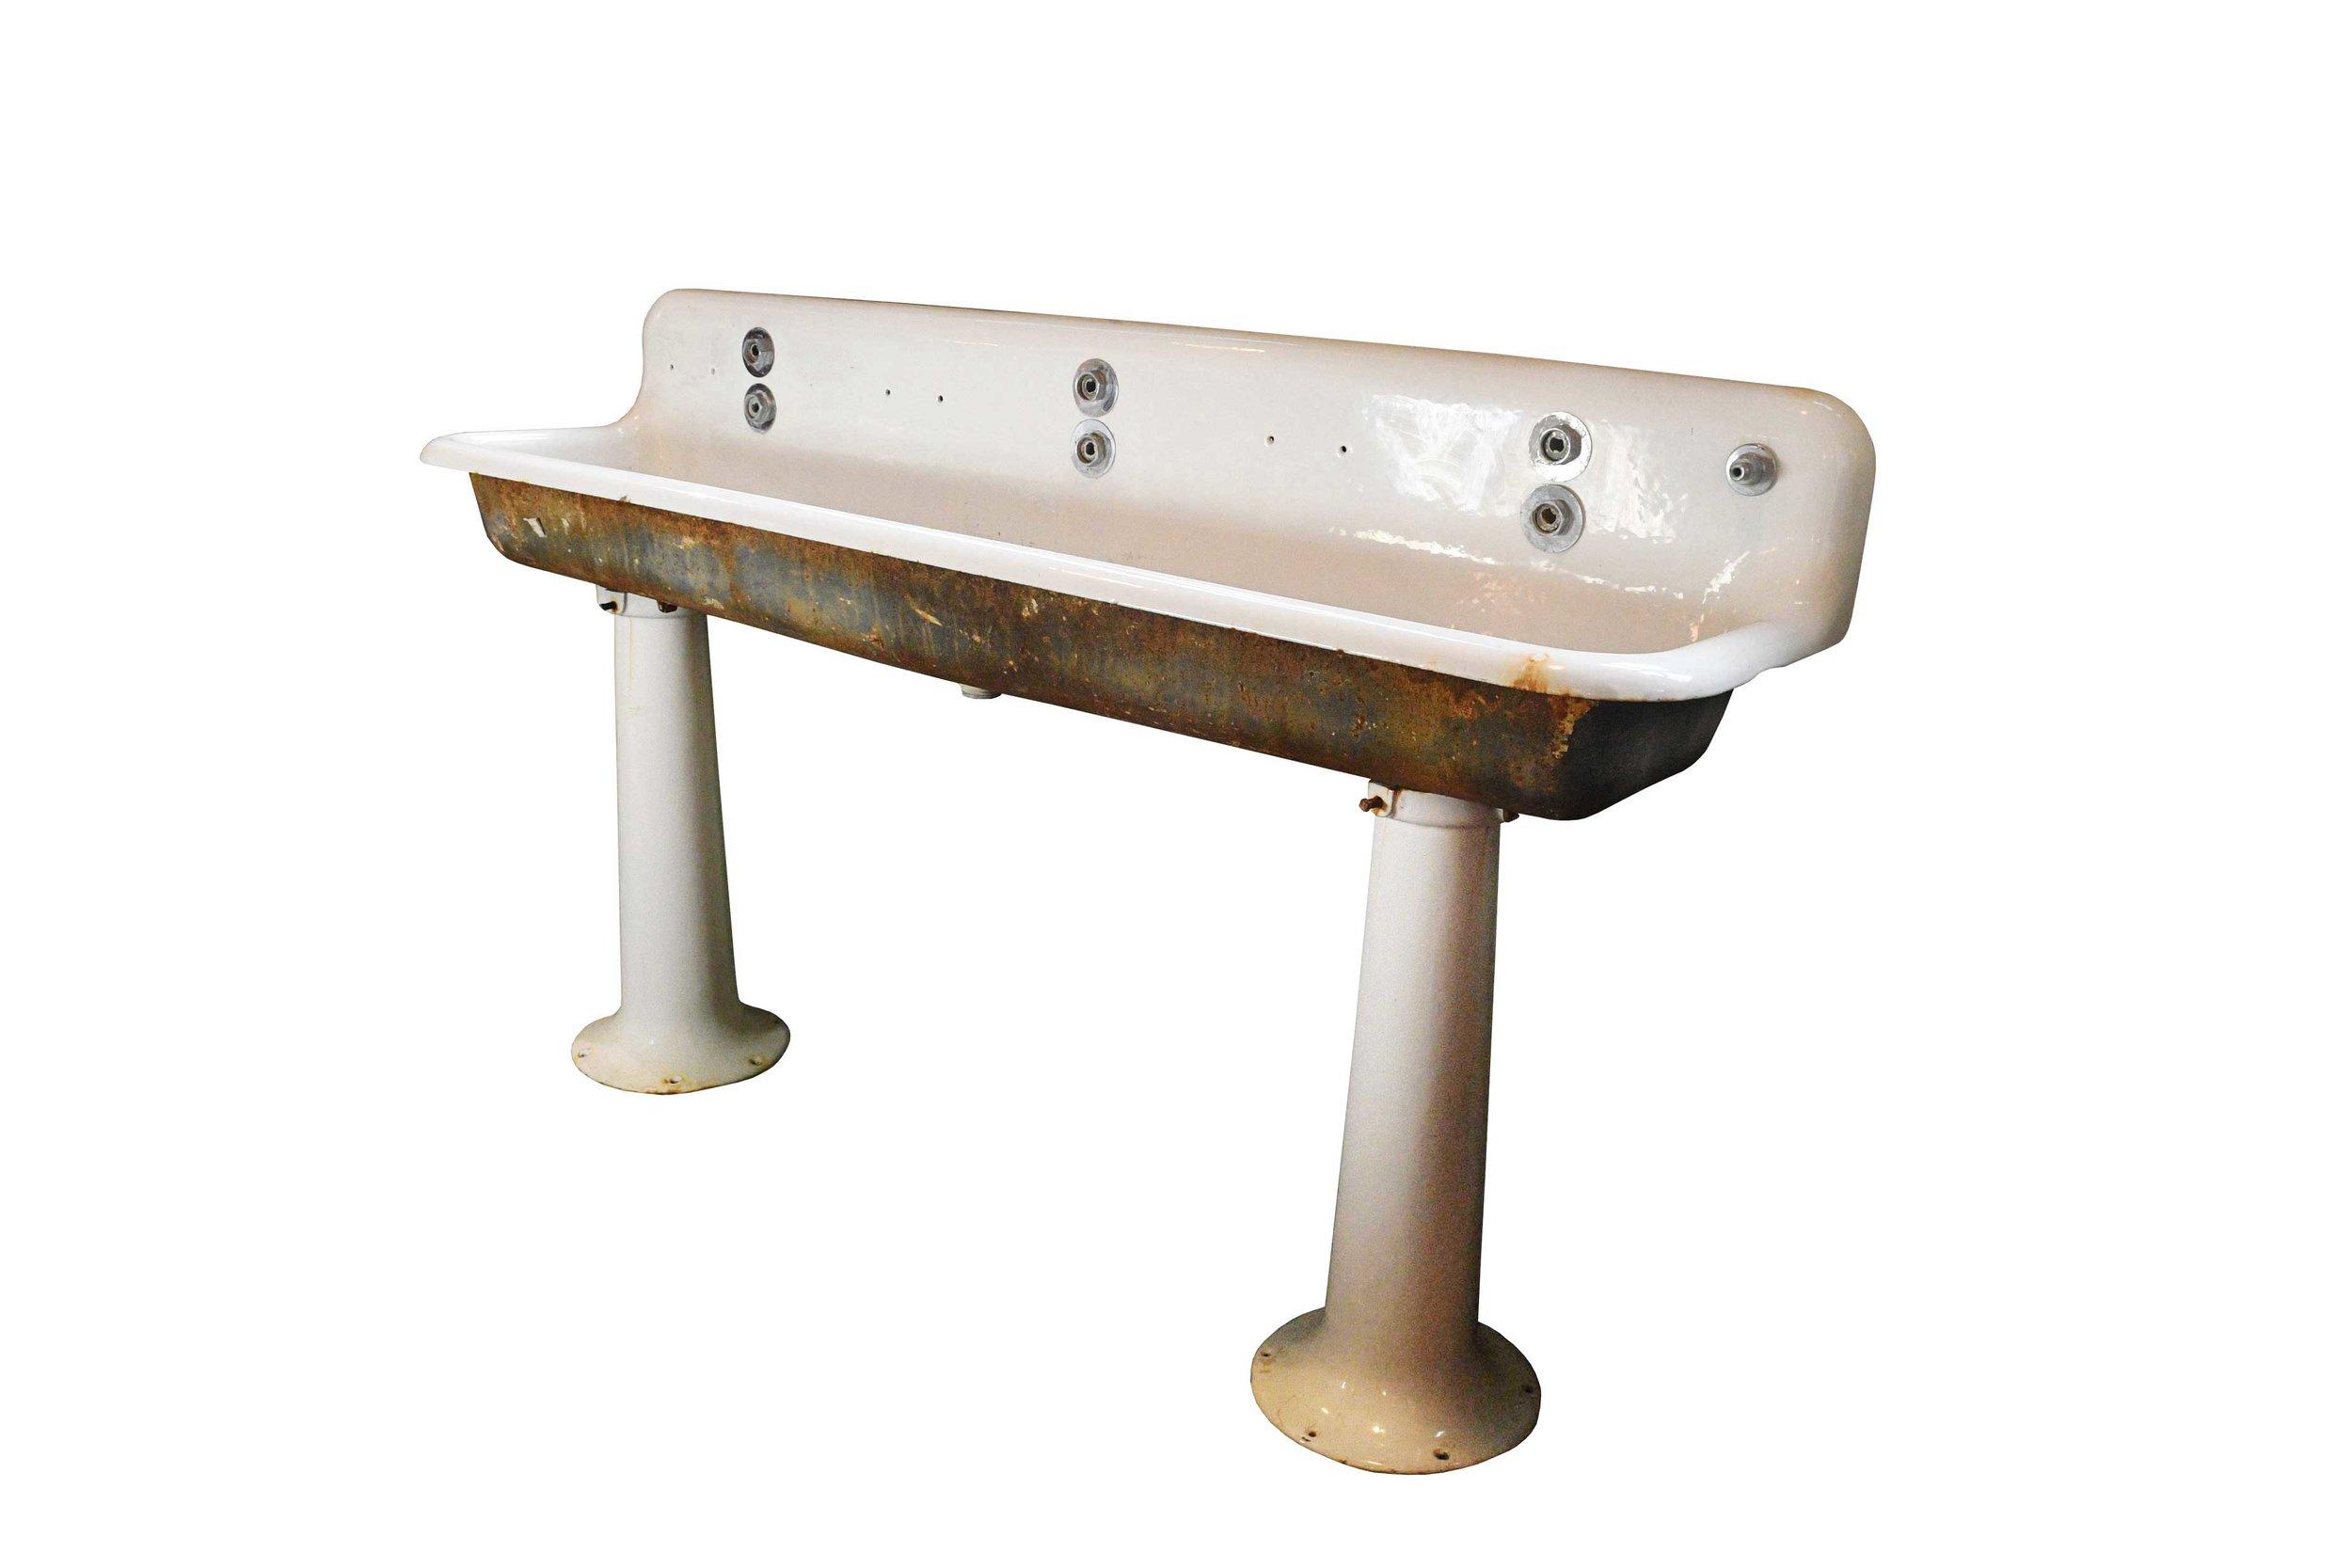 47710-standard-6-ft-industrial-sink-side(needsediting).jpg